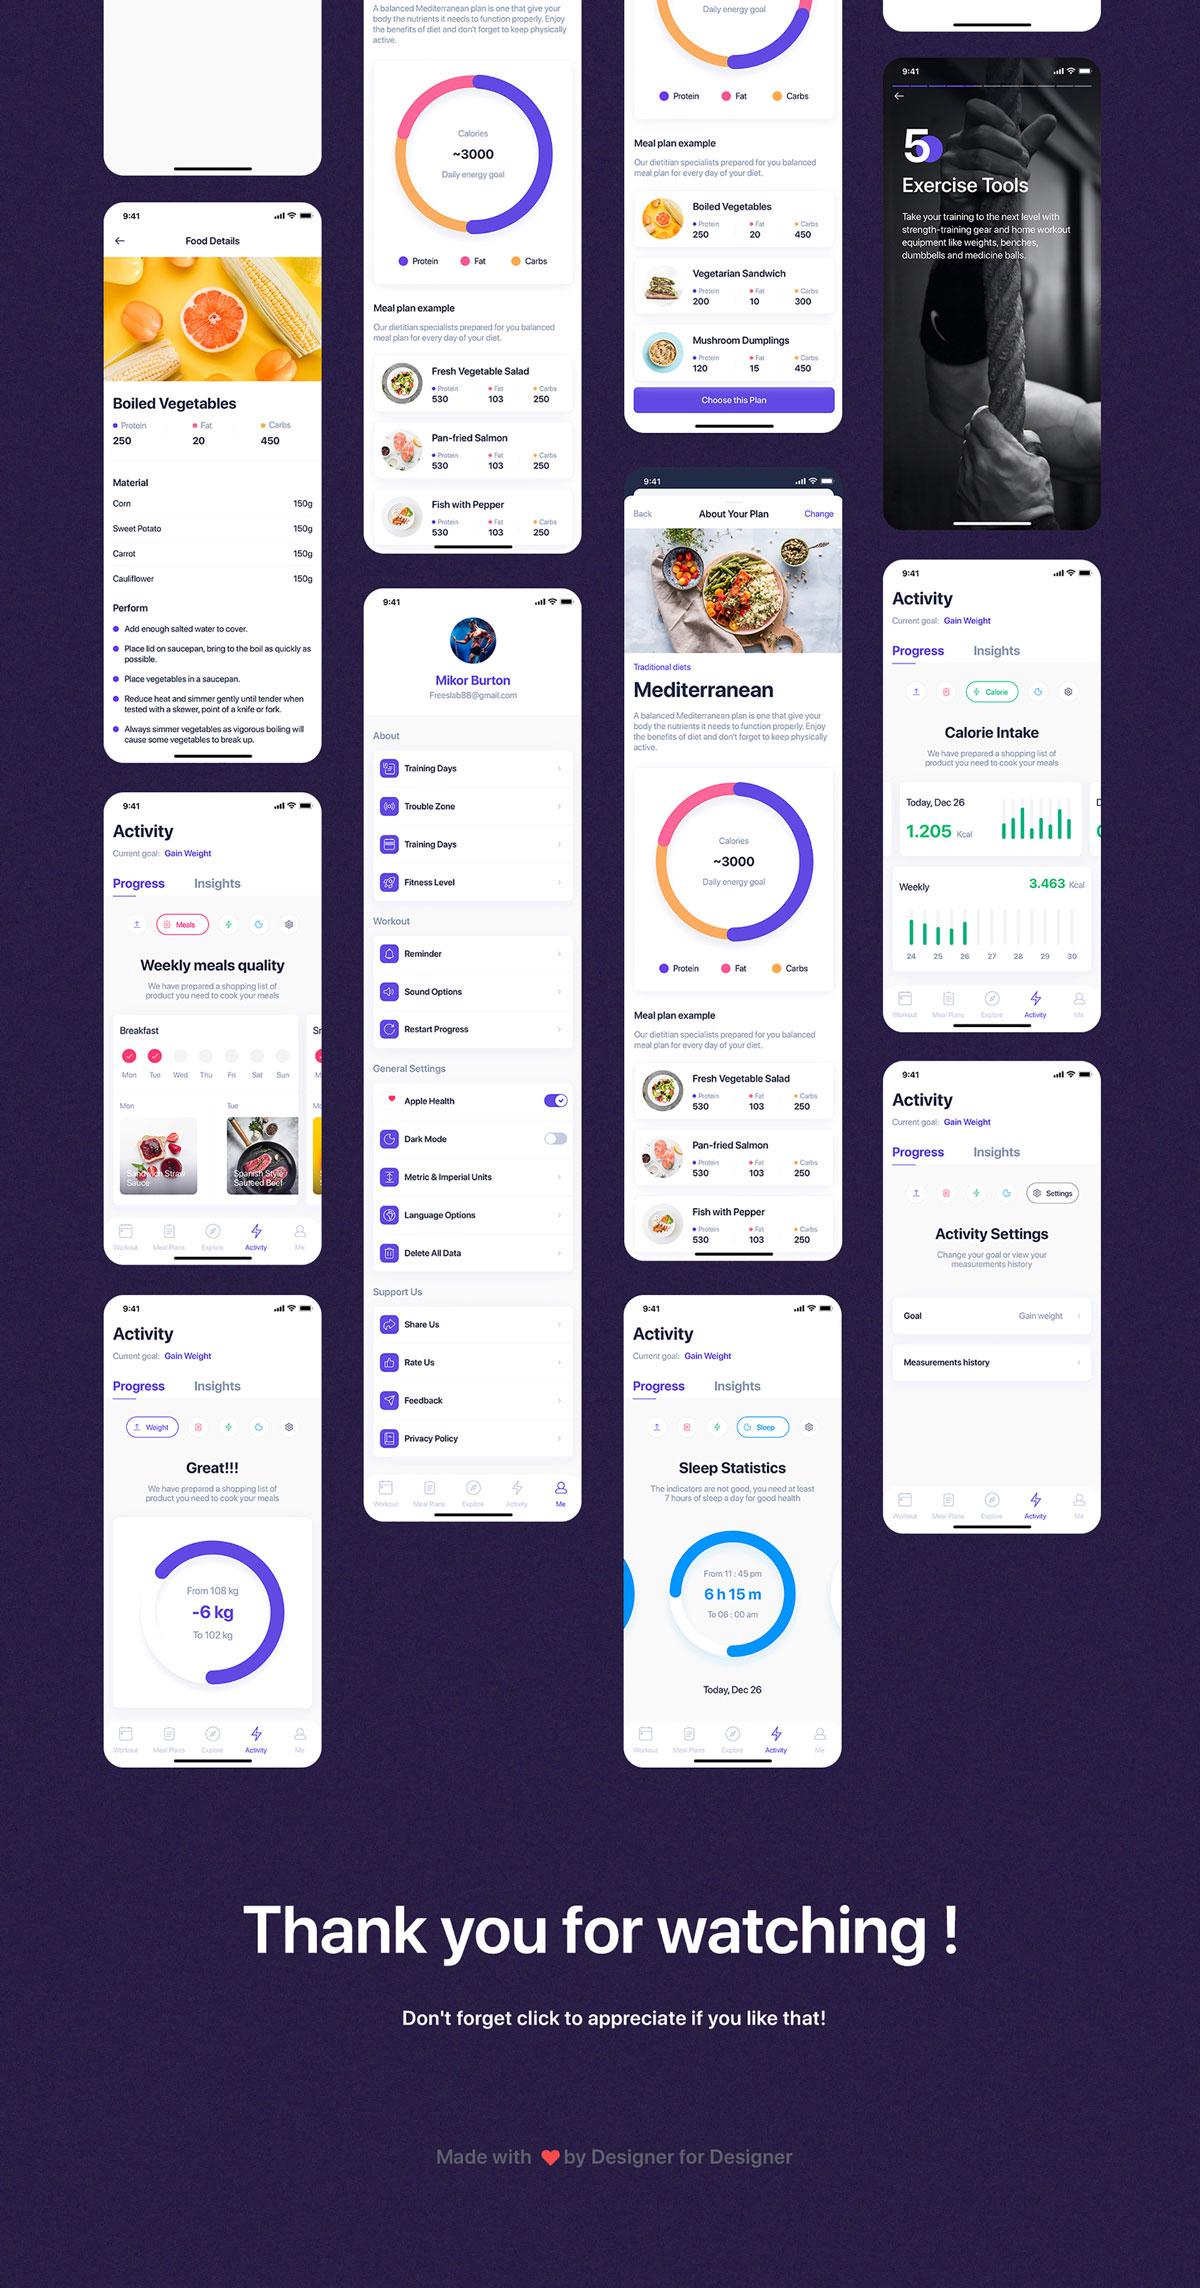 健身锻炼减肥膳食计划APP界面设计UI套件 Fitbox – Workouts & Meal Planner UI Kit插图5